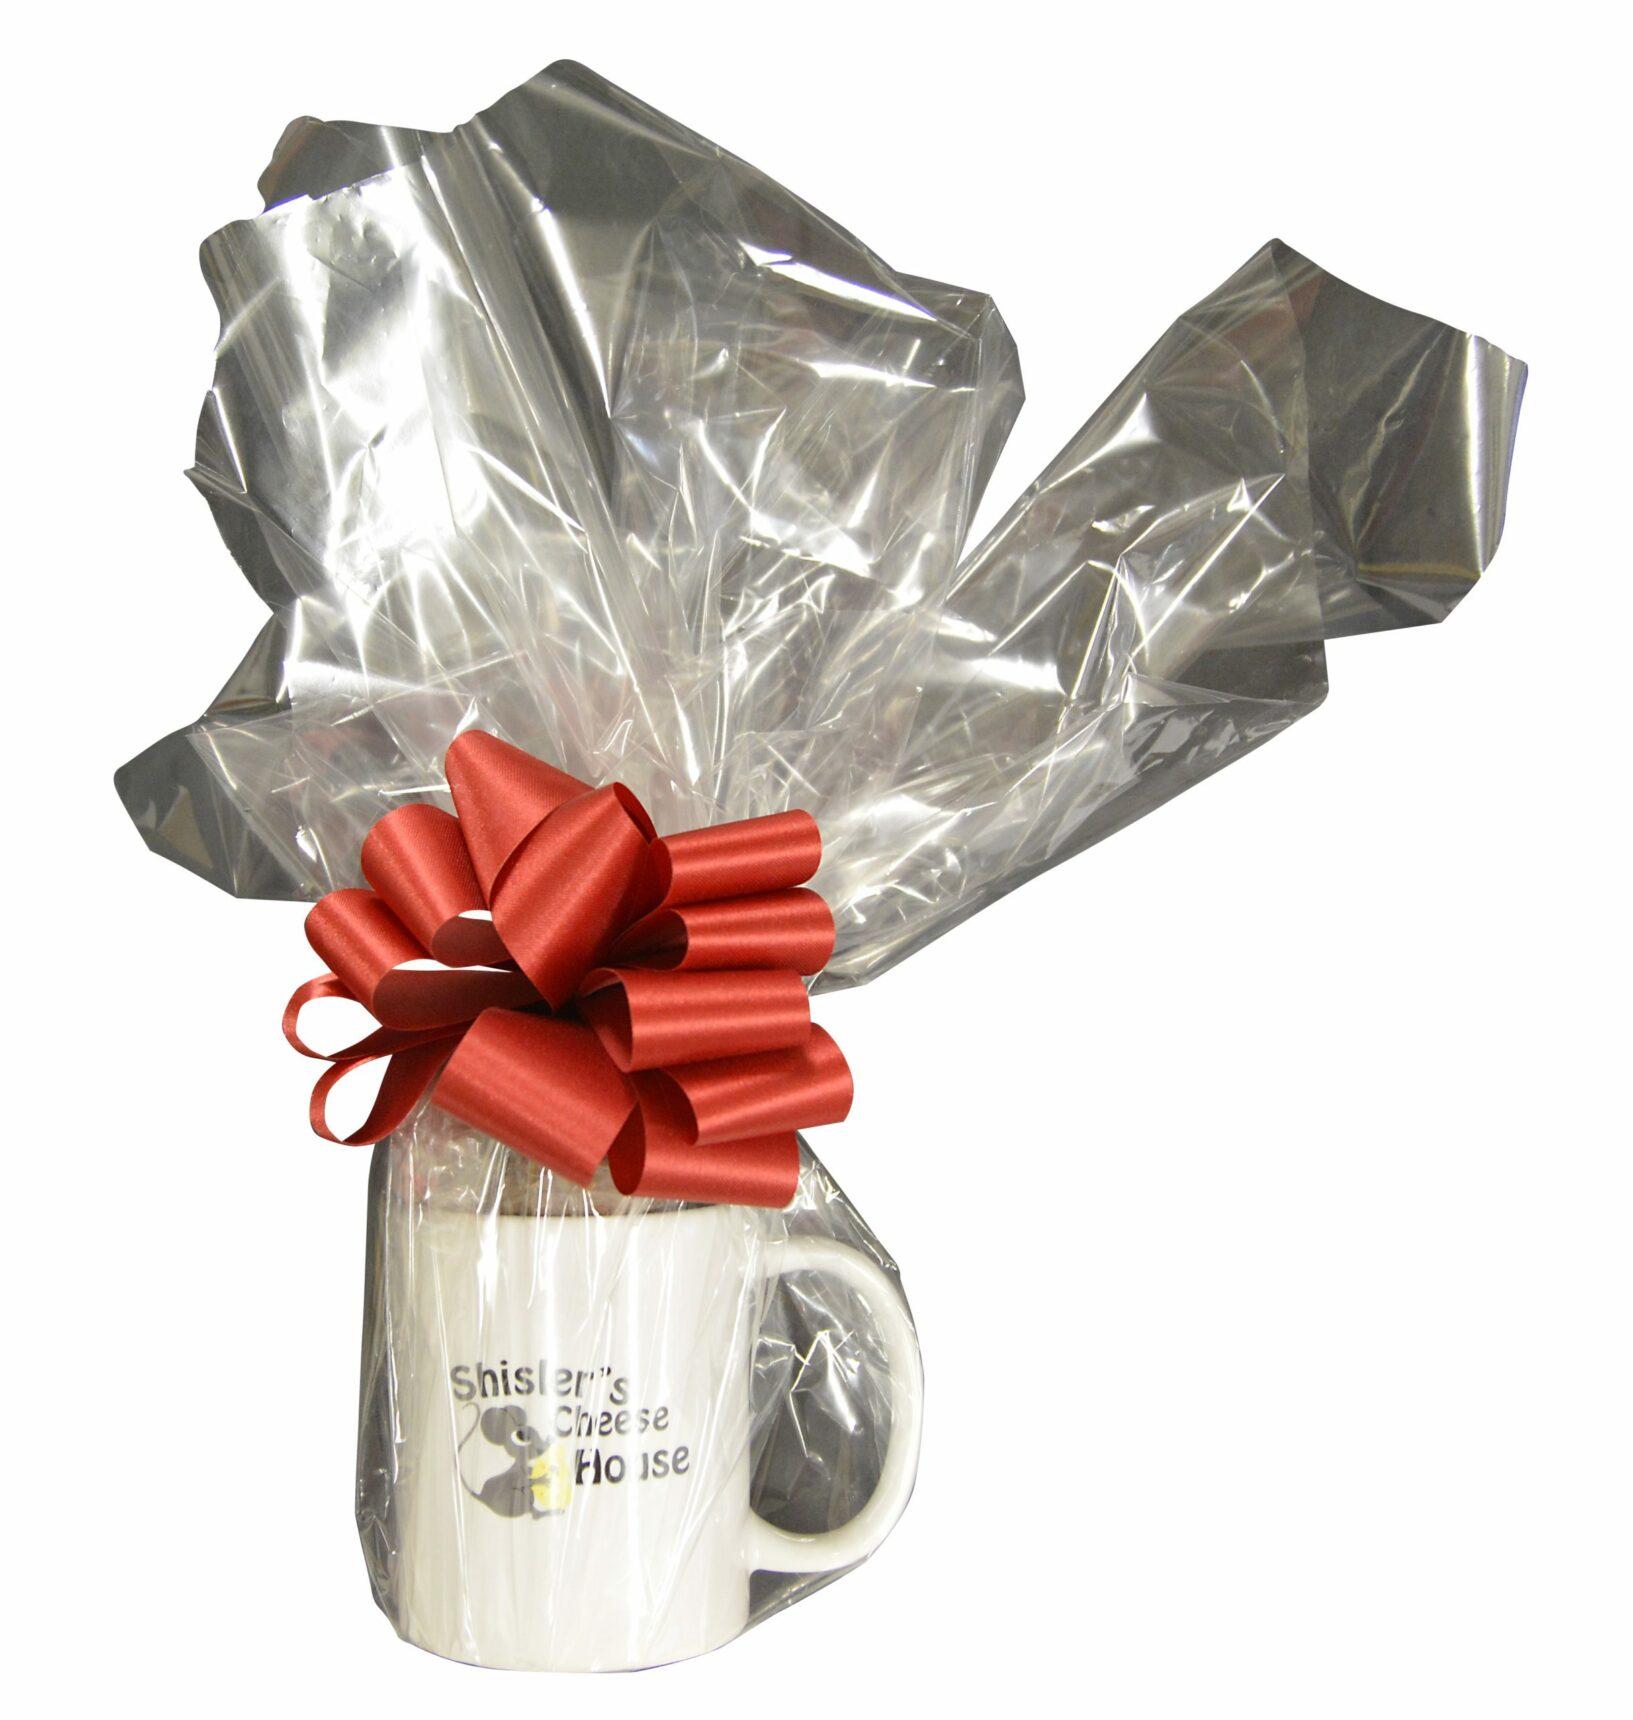 Shisler's Gift Mug